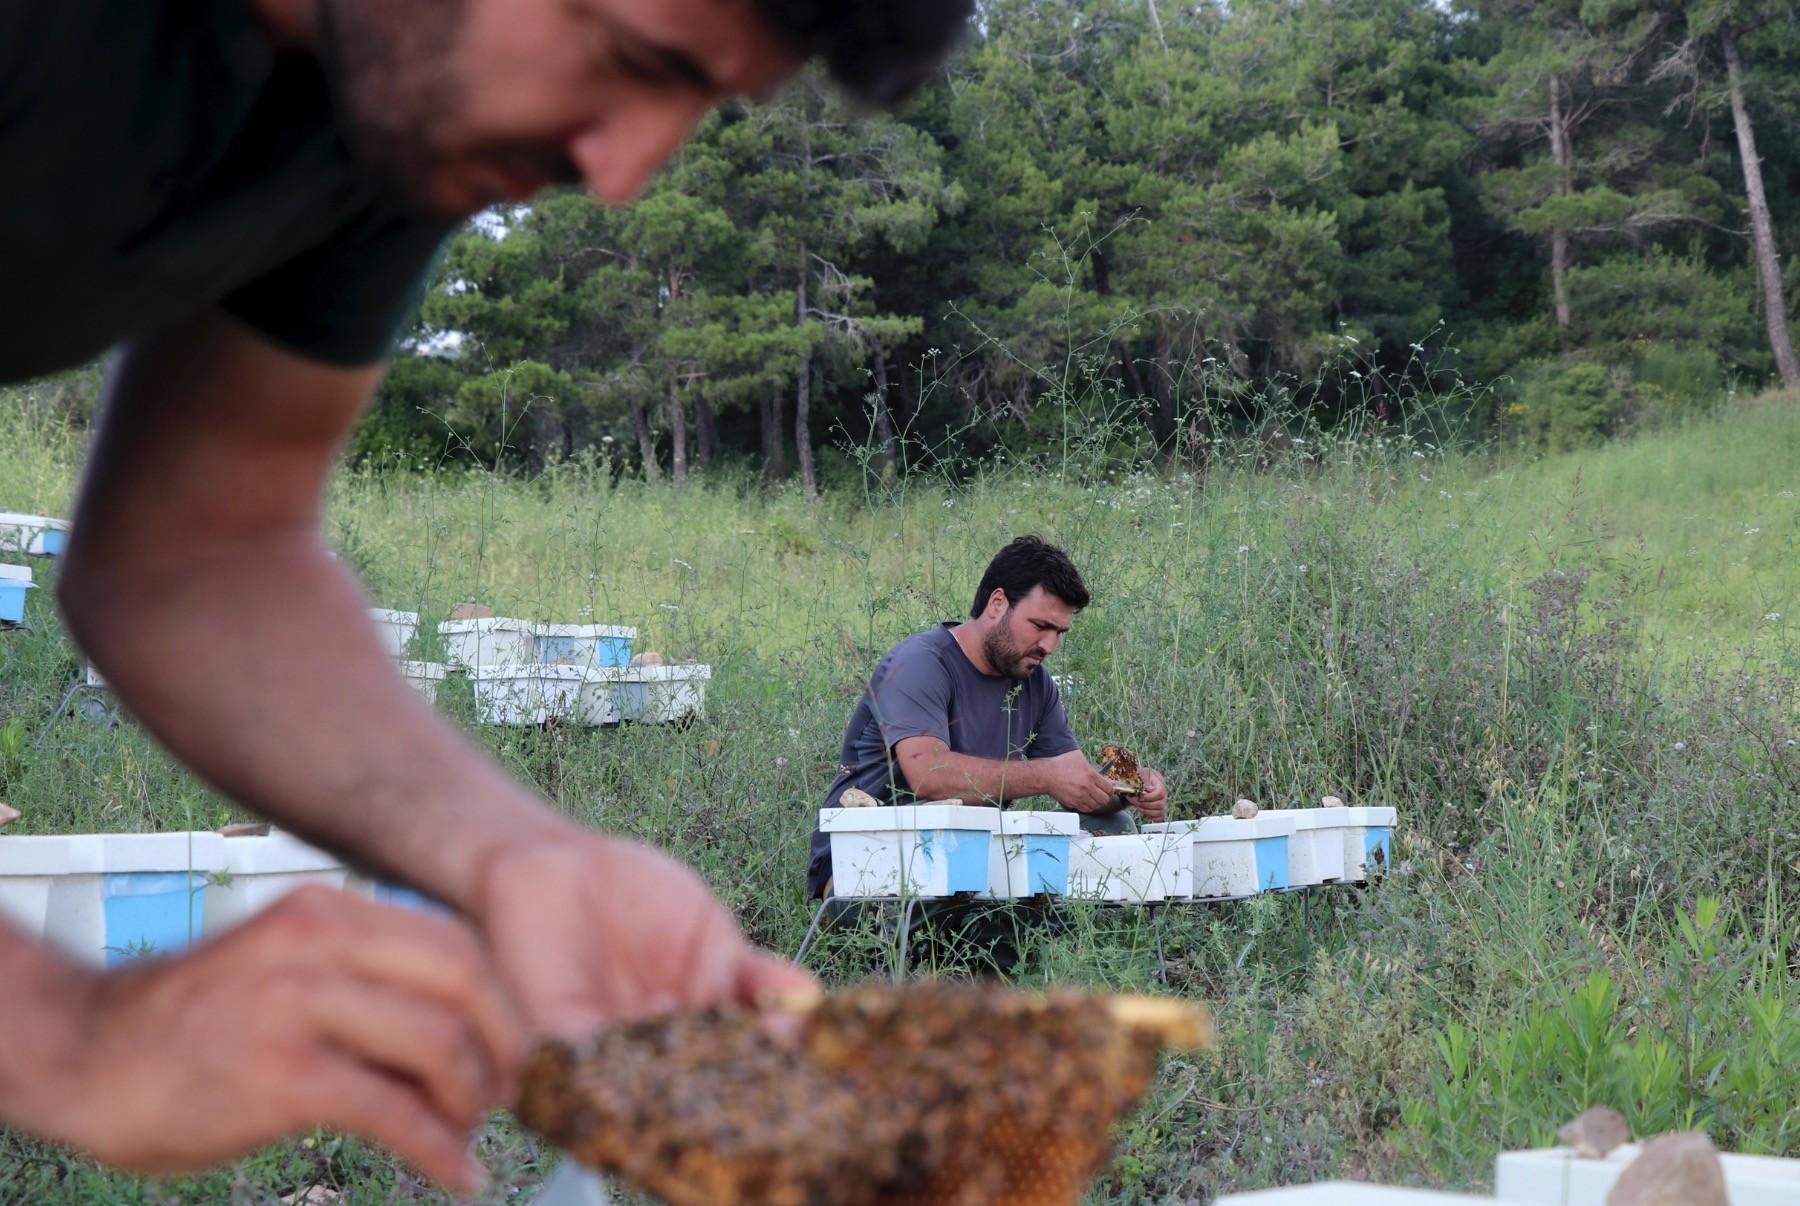 Beekeeper Turkmen have 3,000 hives in Hatay.